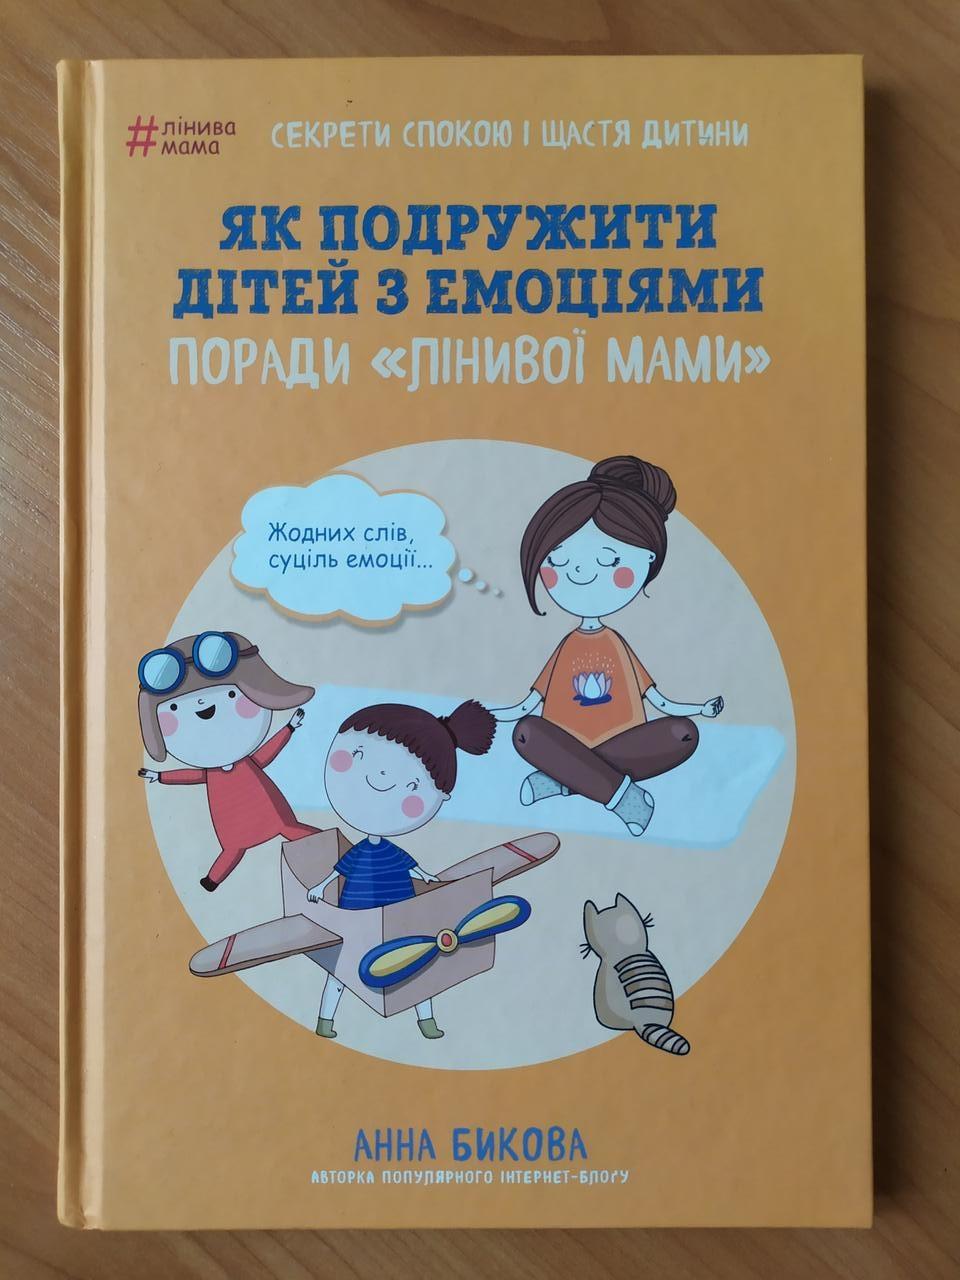 Анна Бикова. Як подружити дітей з емоціями